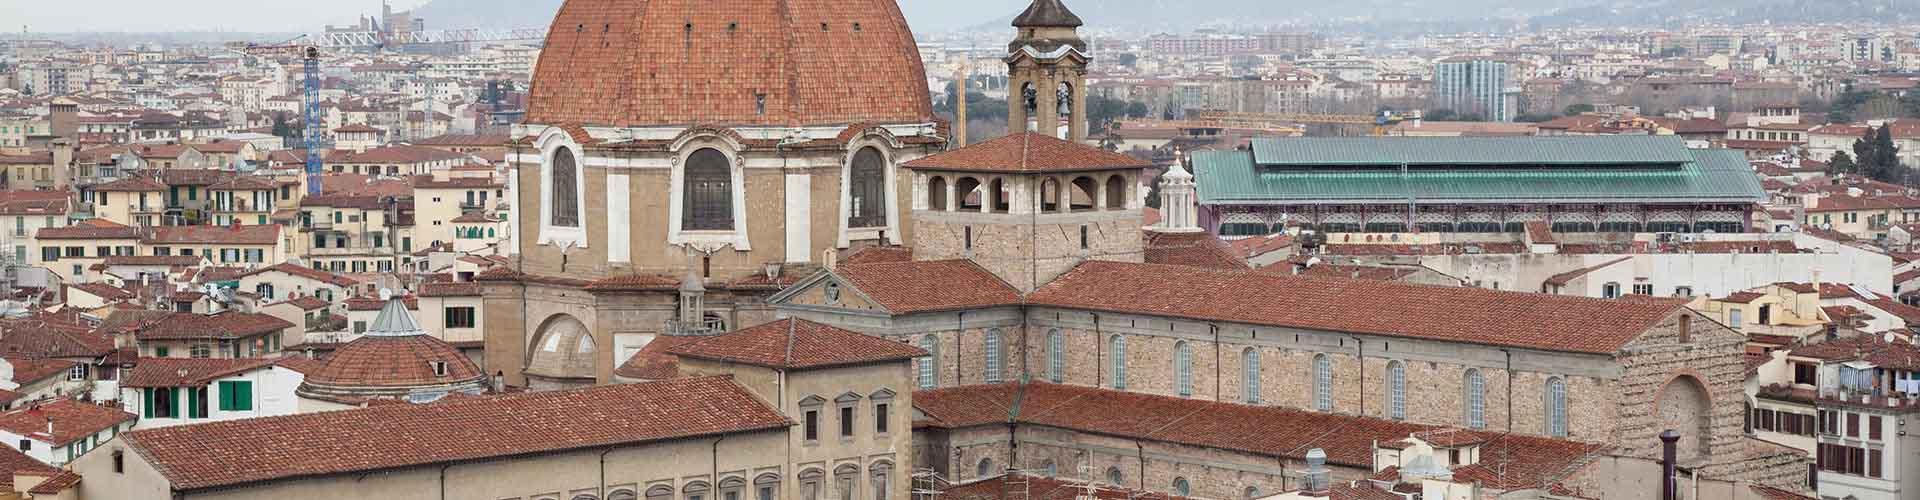 Florence - Auberges de jeunesse dans le quartier de San Lorenzo. Cartes pour Florence, photos et commentaires pour chaque auberge de jeunesse à Florence.